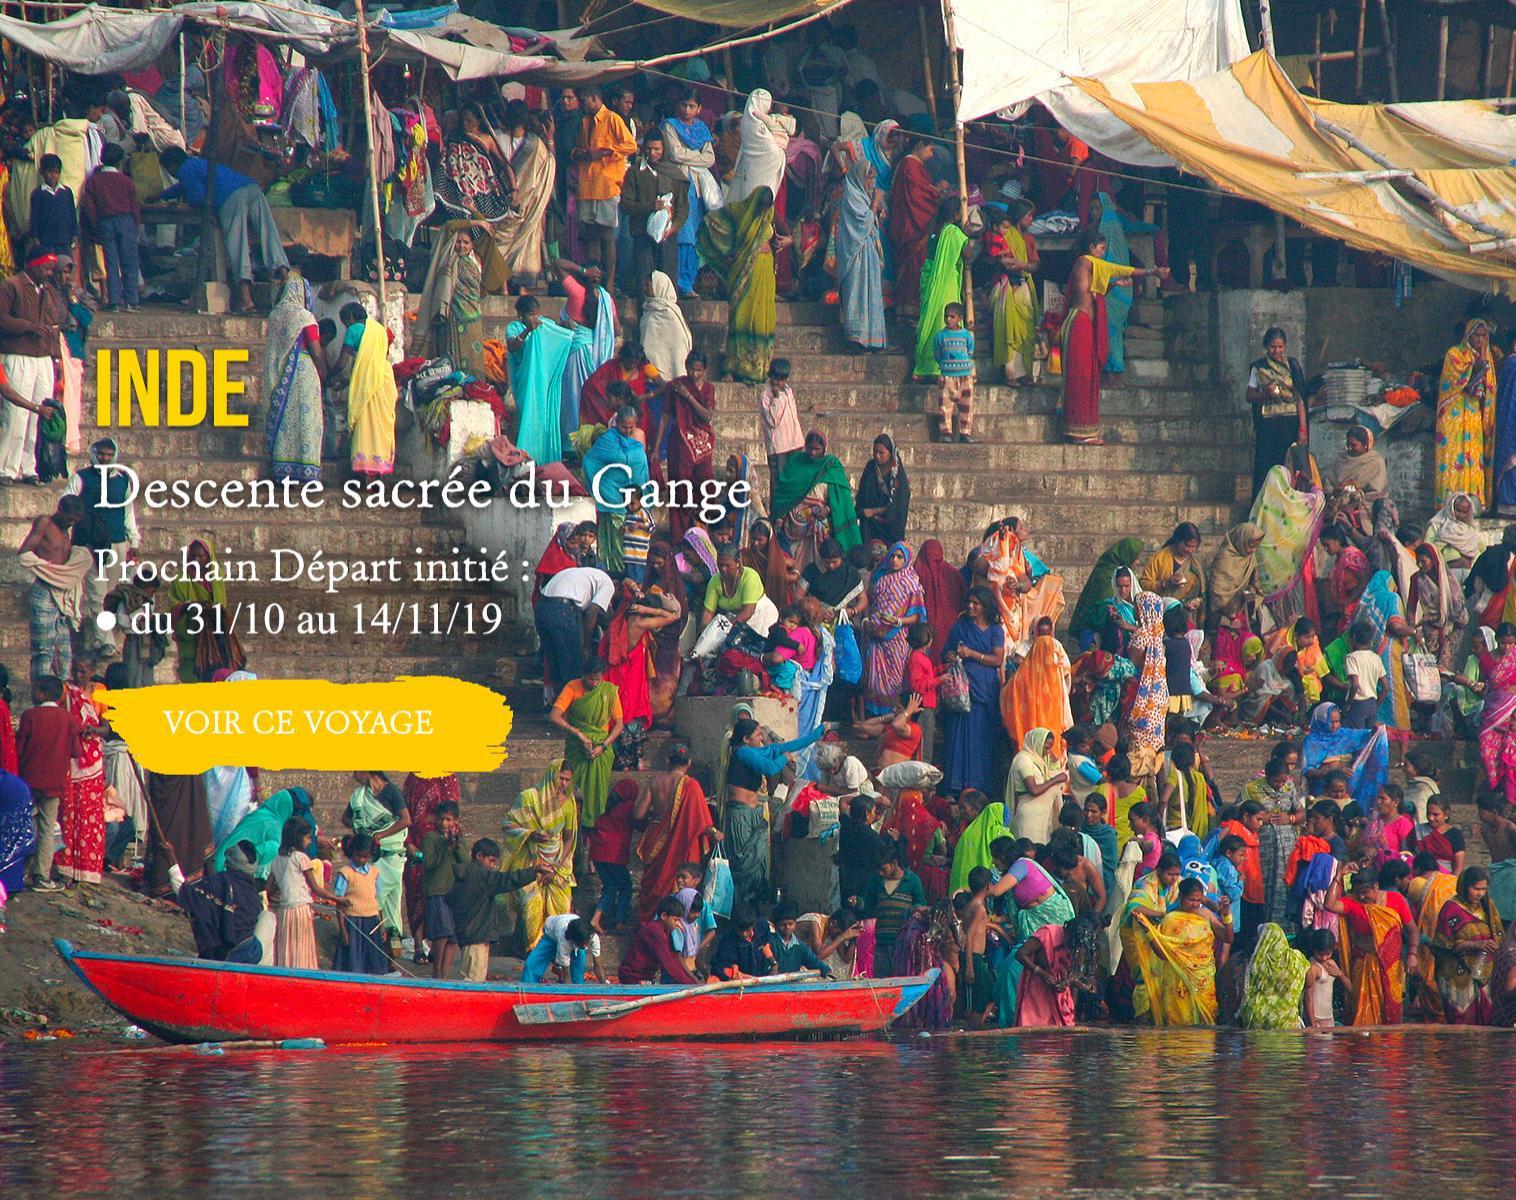 INDE, Descente sacrée du Gange